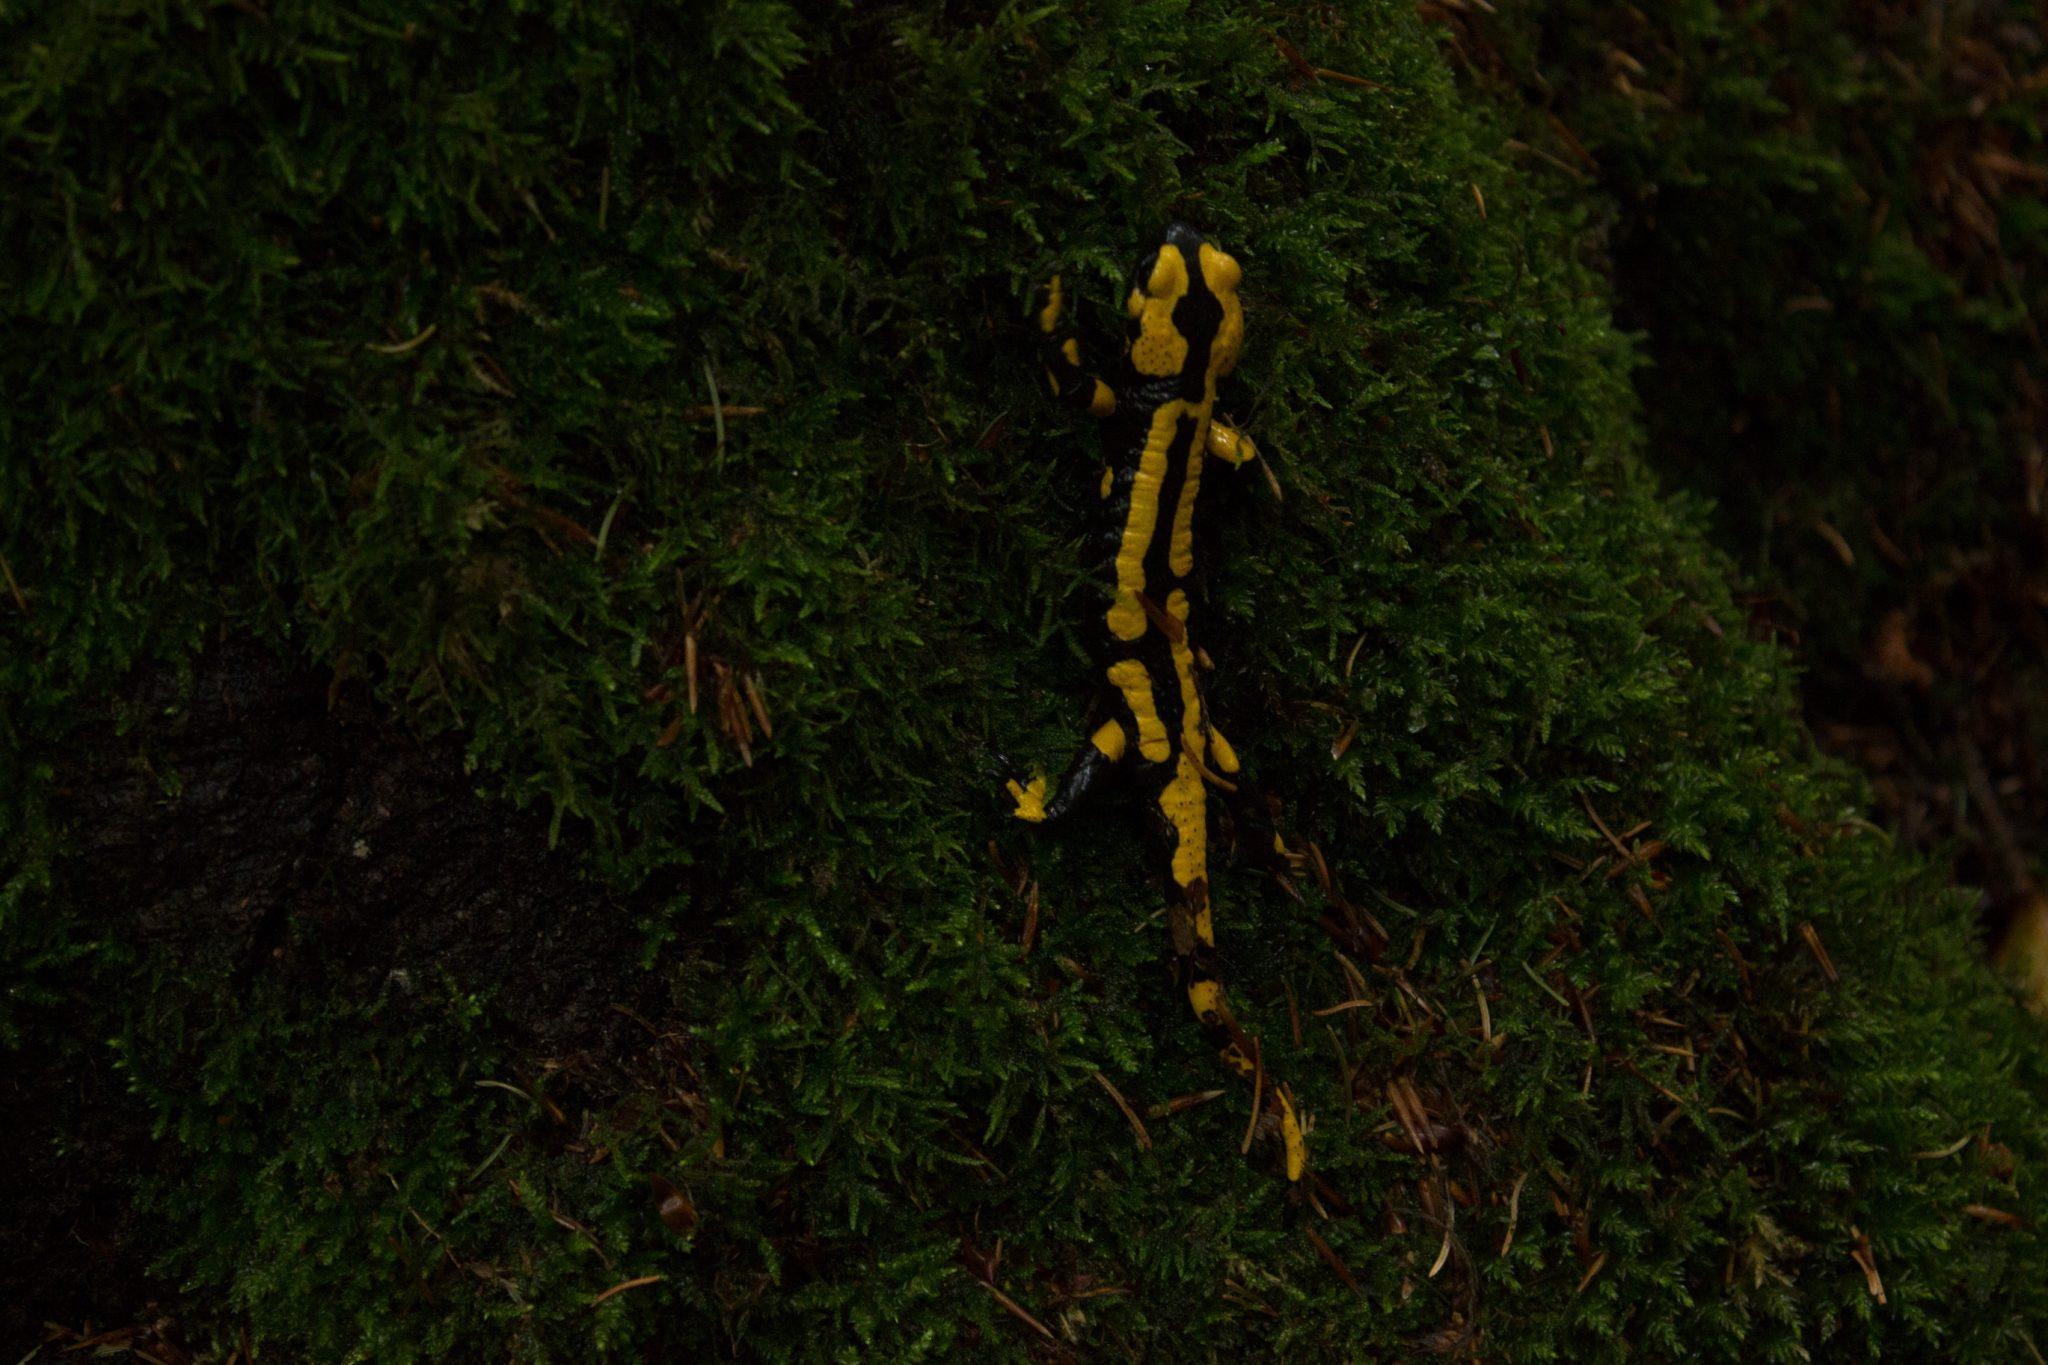 Wanderung Brocken über Heinrich-Heine-Weg Start in Ilsenburg, Nationalpark Harz, gelb schwarzer Feuersalamander direkt am Wegesrand